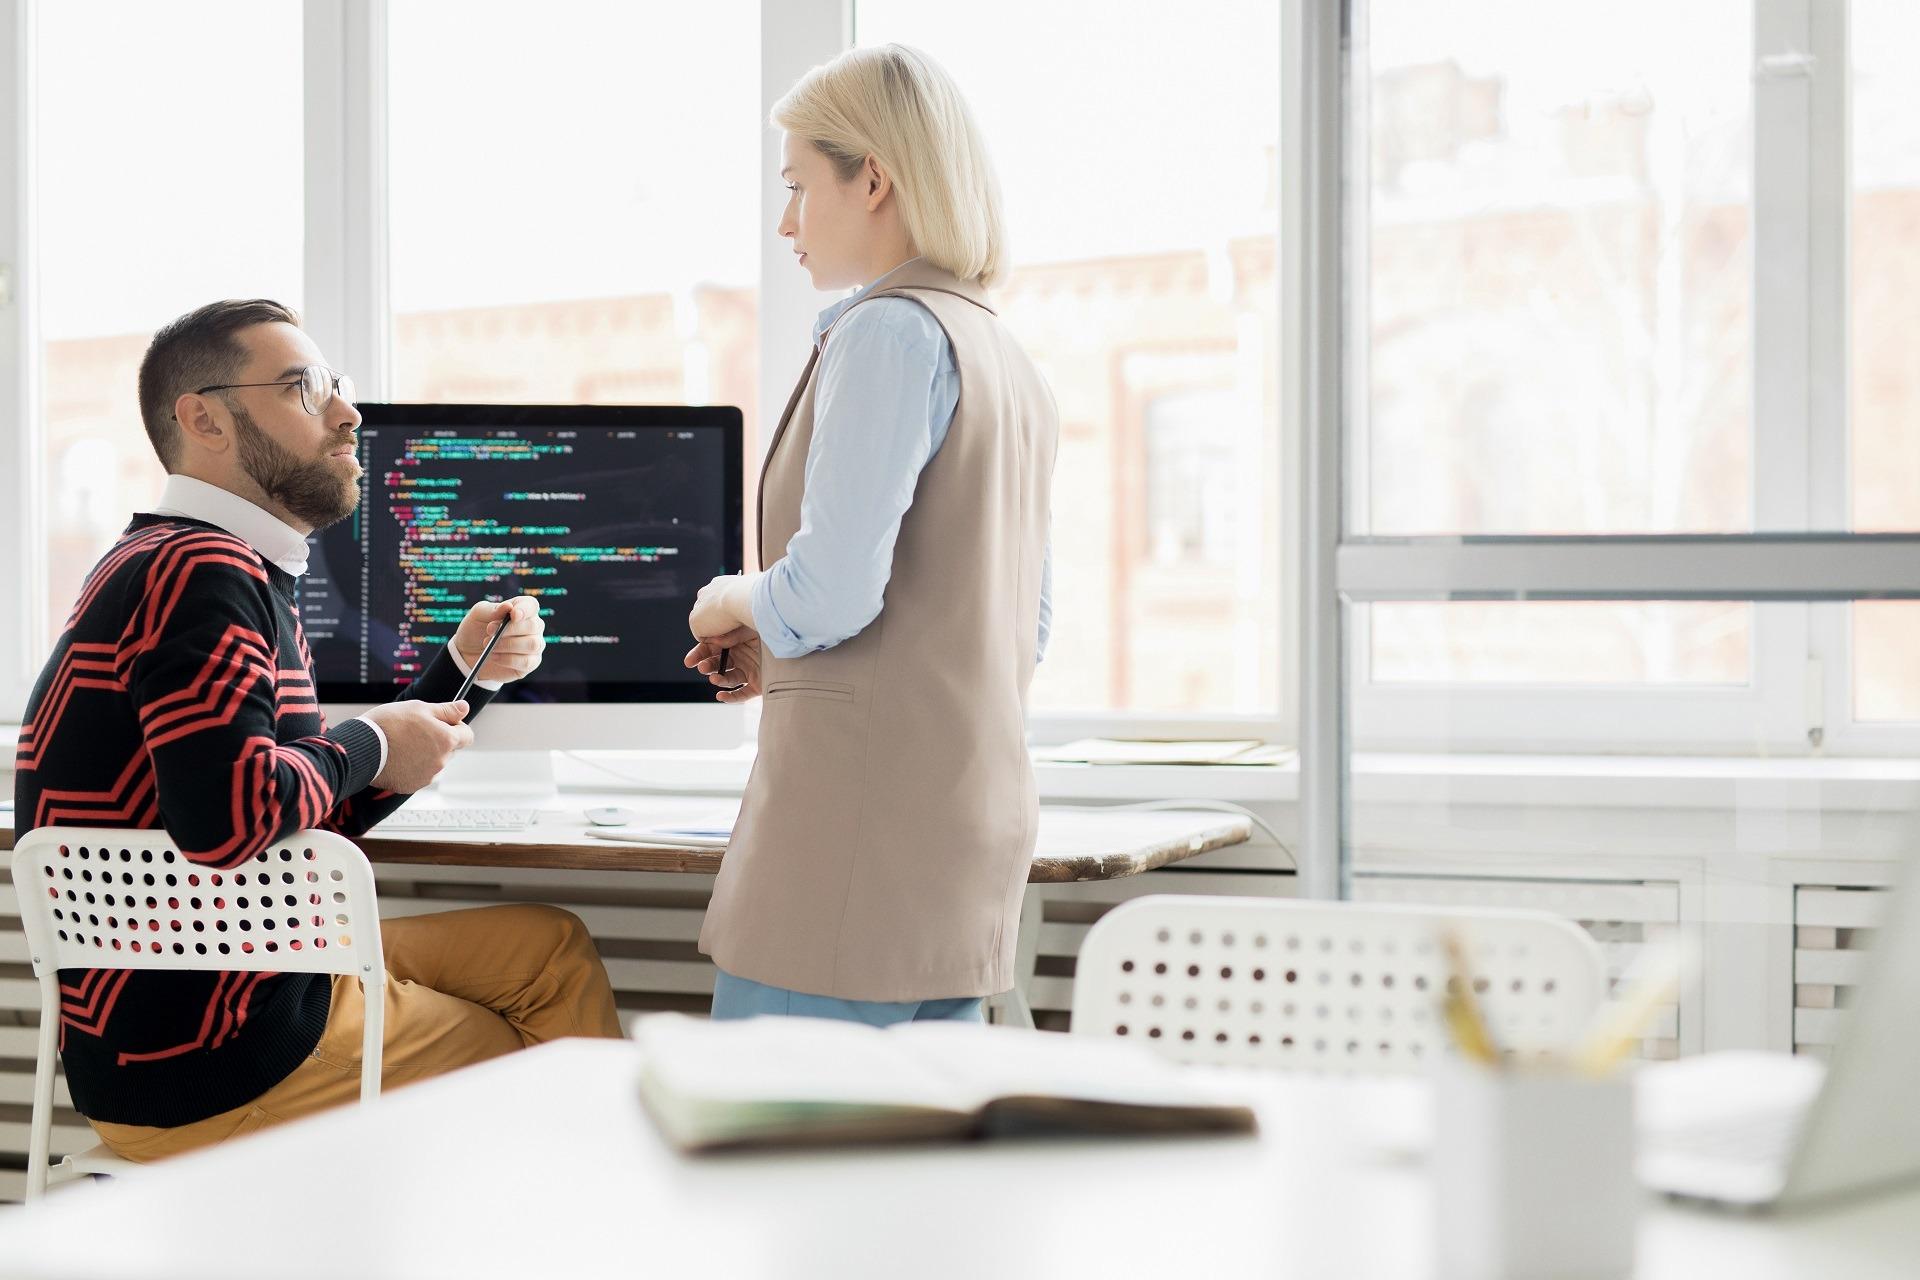 Rekrutacje w IT: Jak legalnie zatrudnić obcokrajowca w software house?